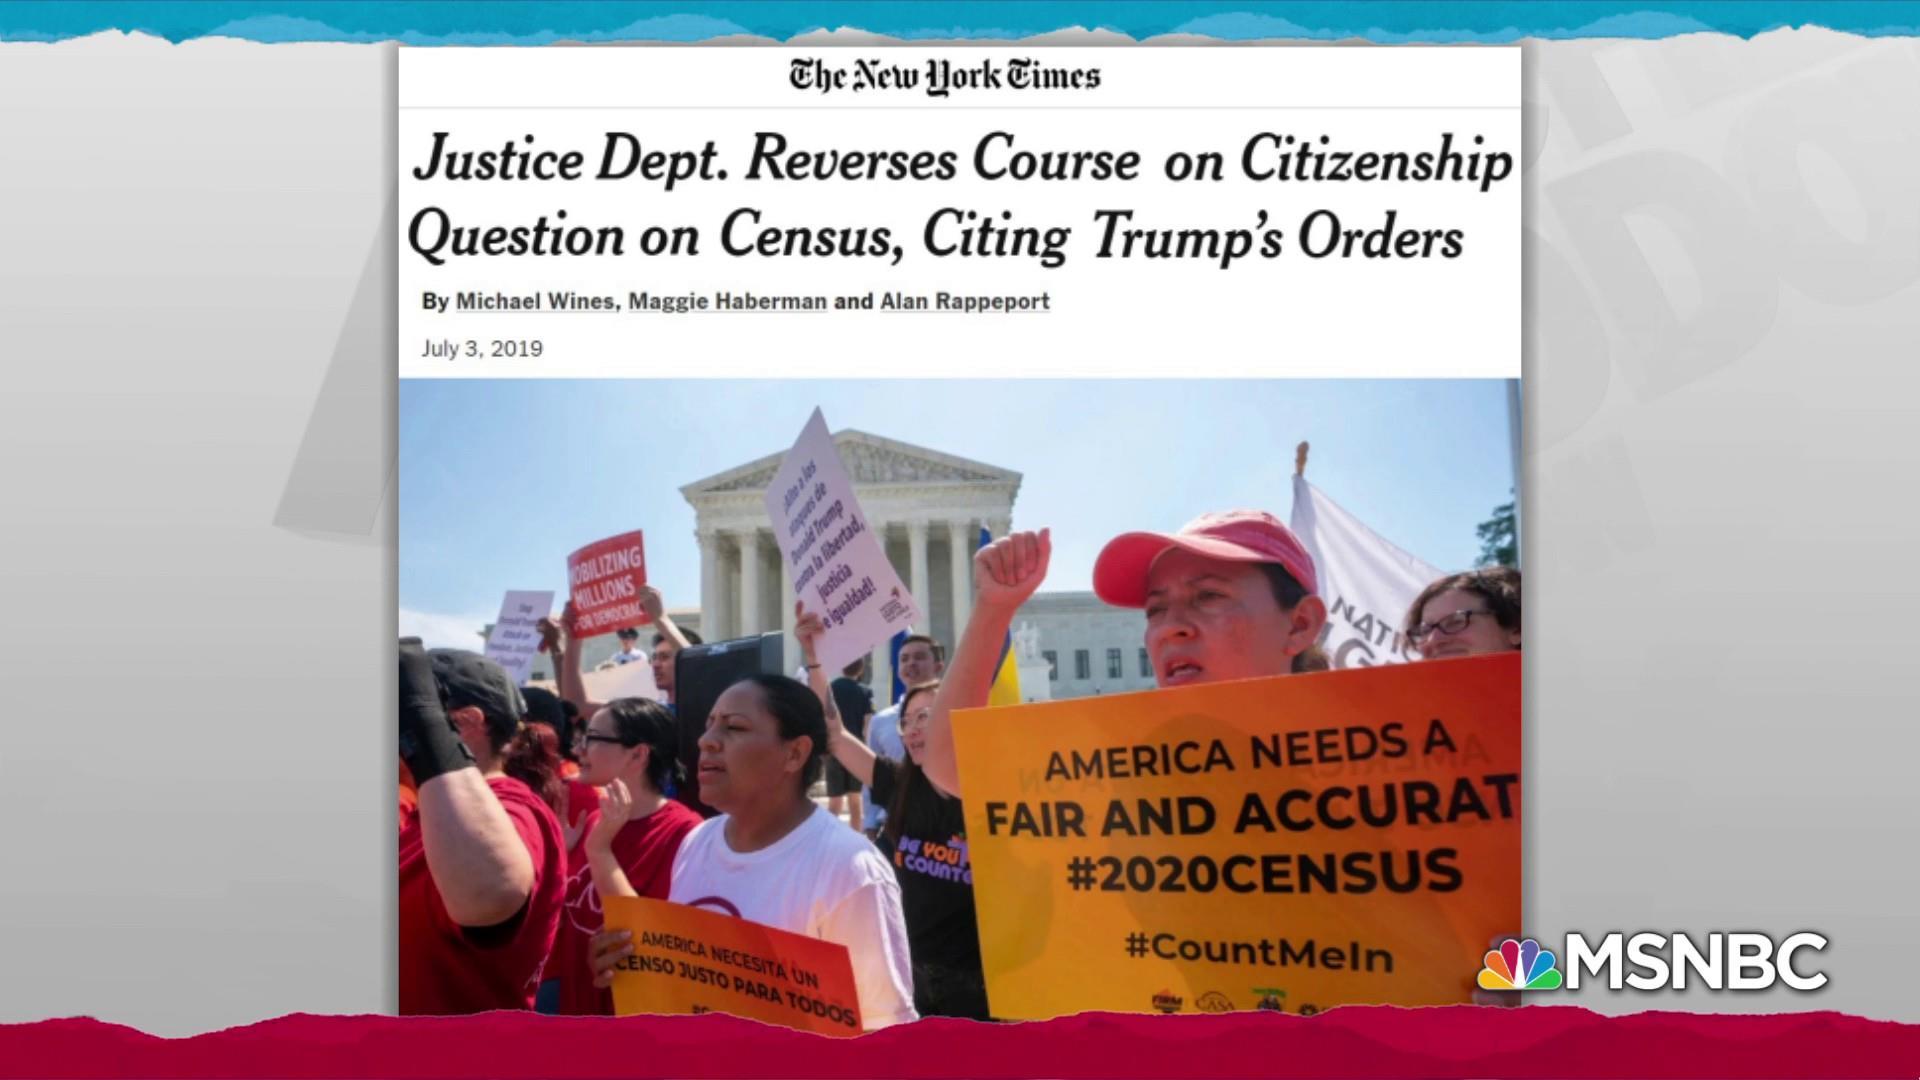 Trump puts DOJ in awkward spot with errant census question tweet